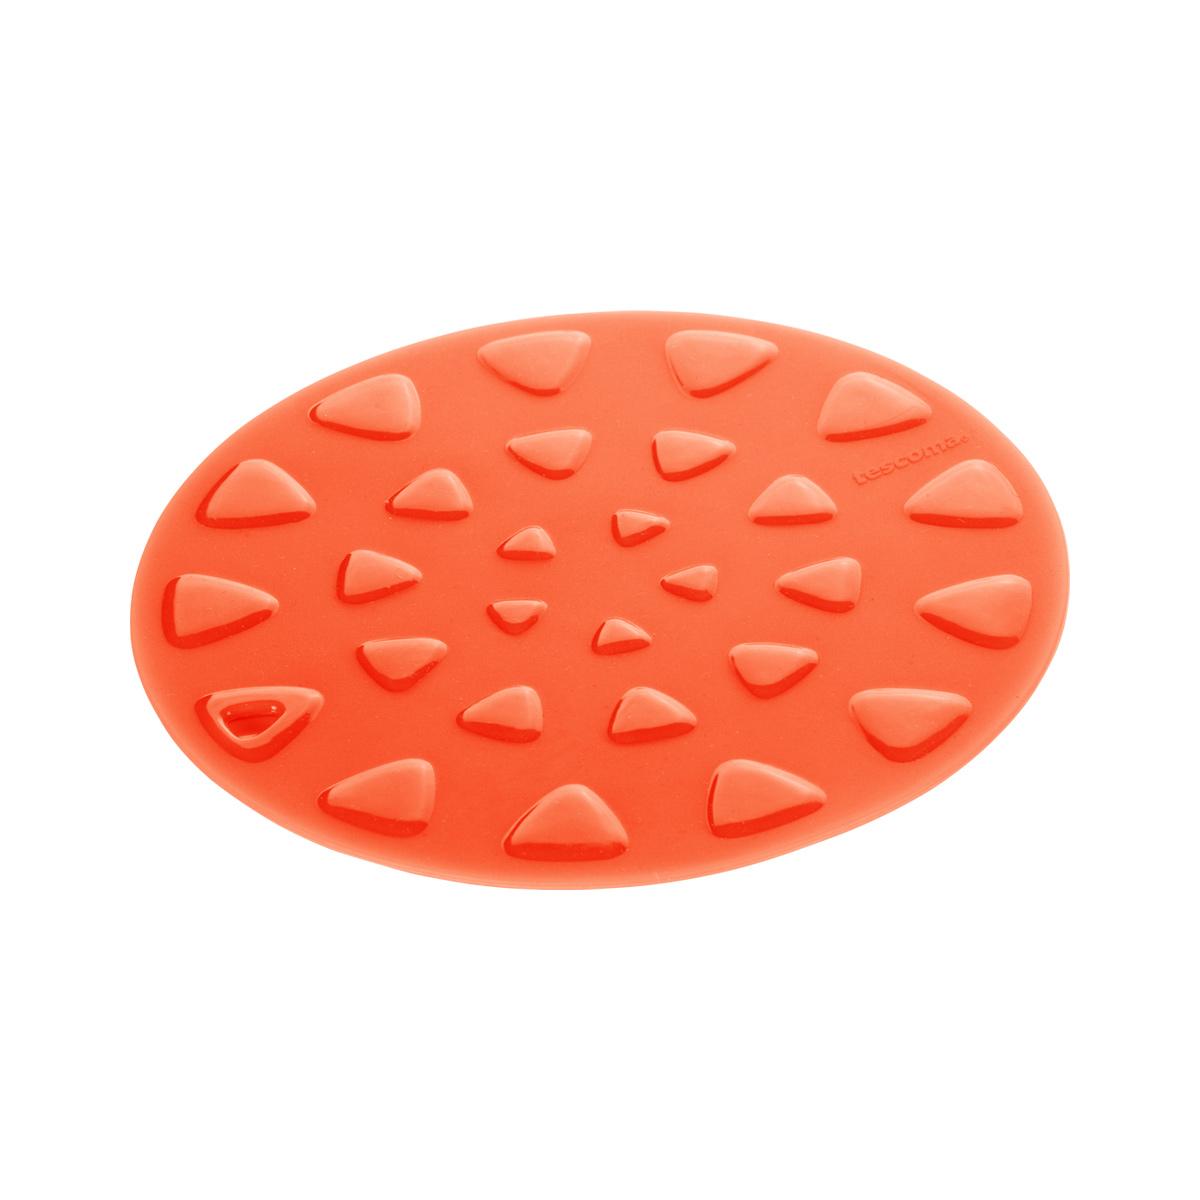 Podložka pod nádobí PRESTO ø 19 cm